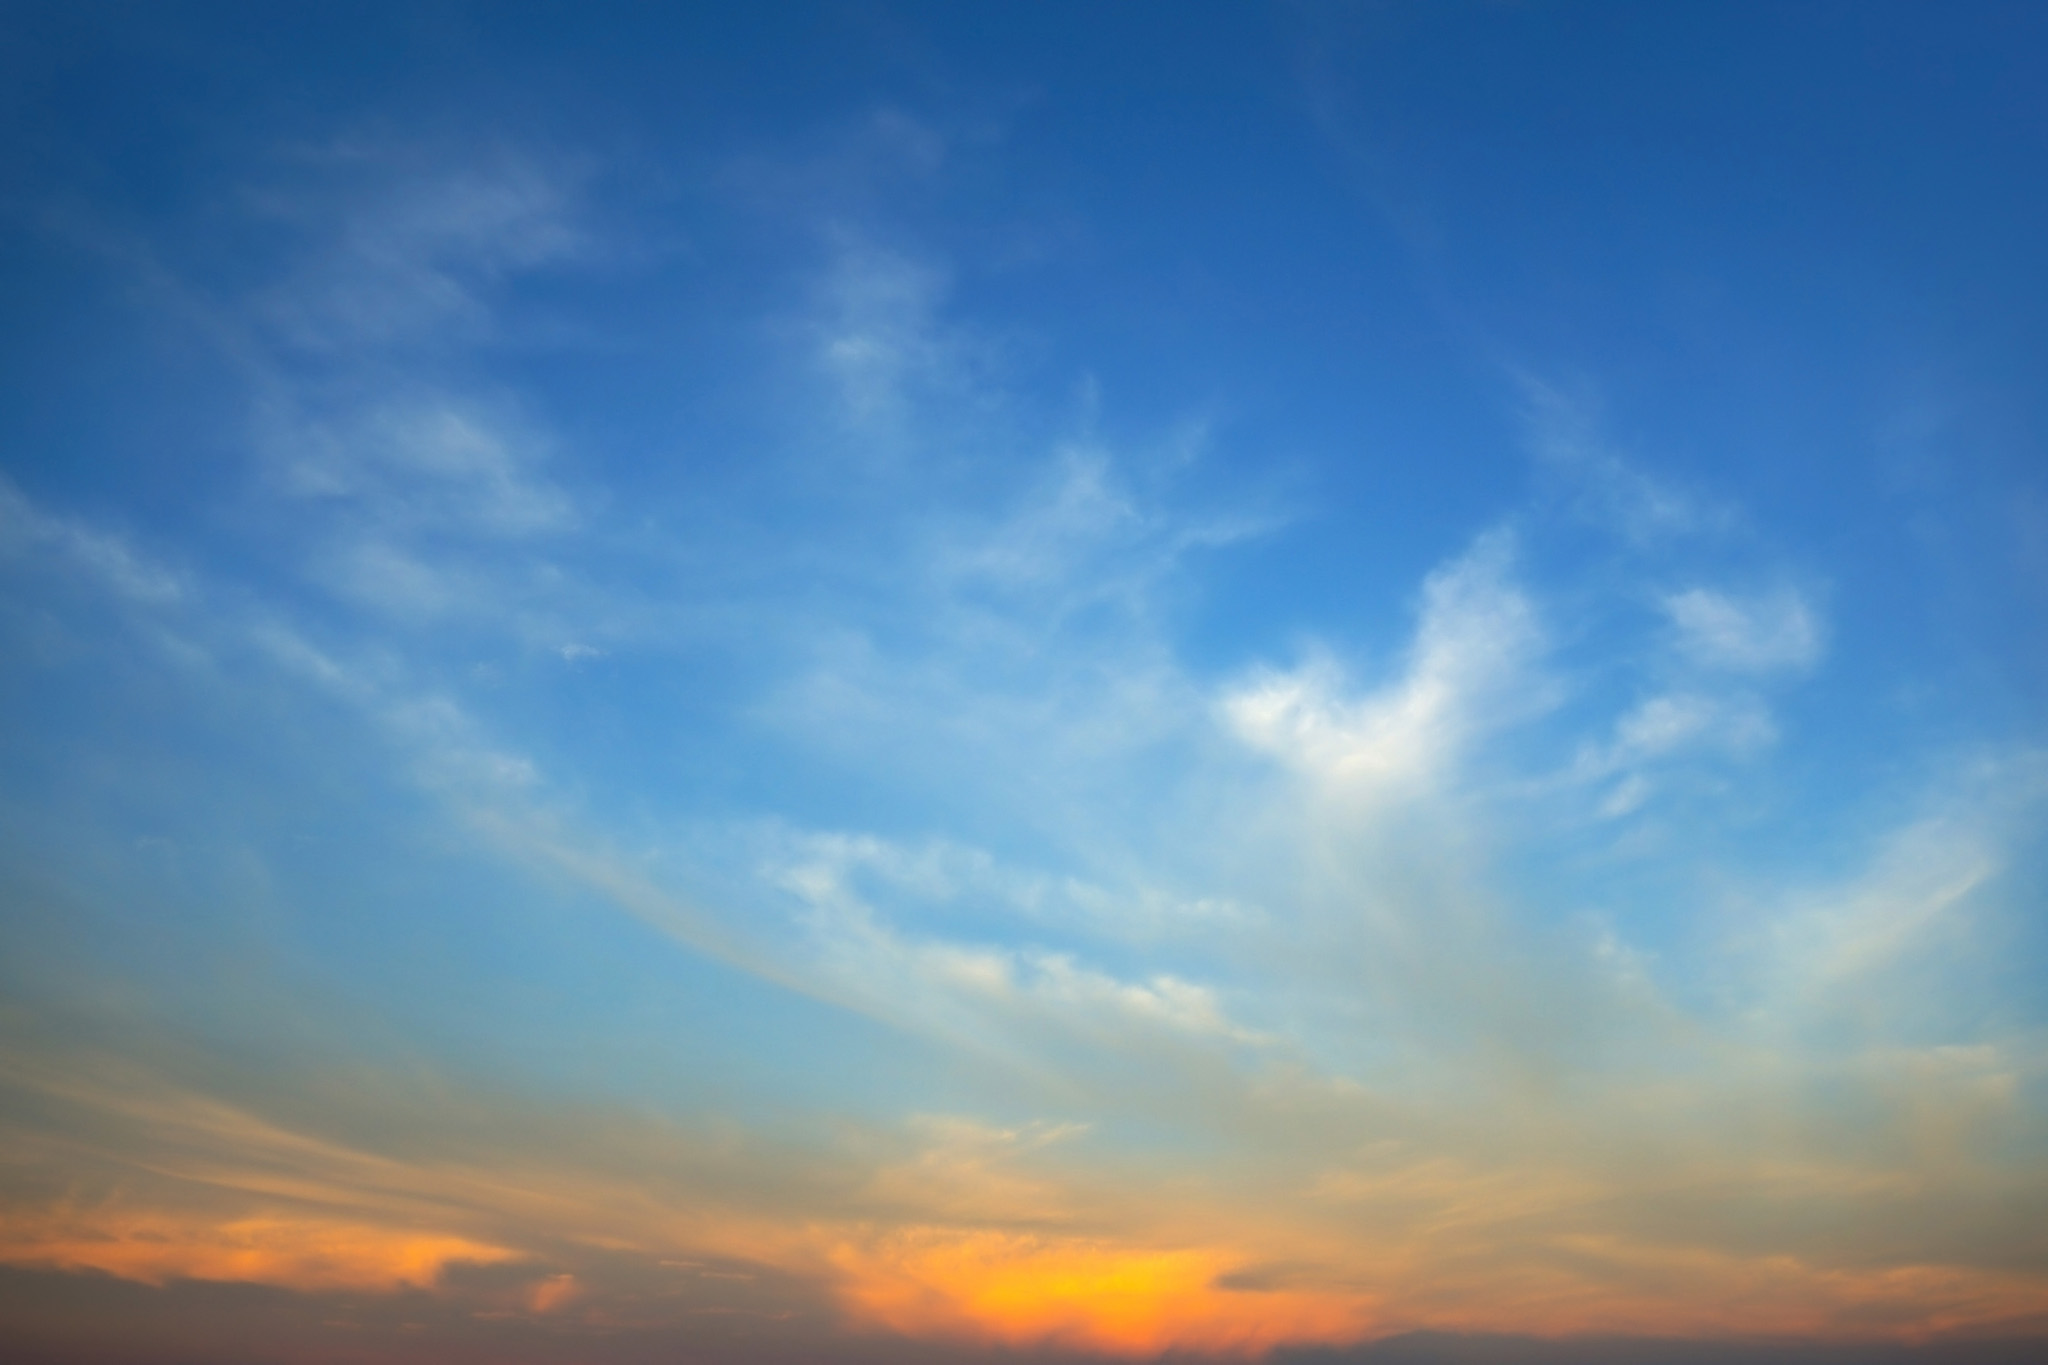 「夕焼け空が柔らかな光りに包まれる」の素材を無料ダウンロード